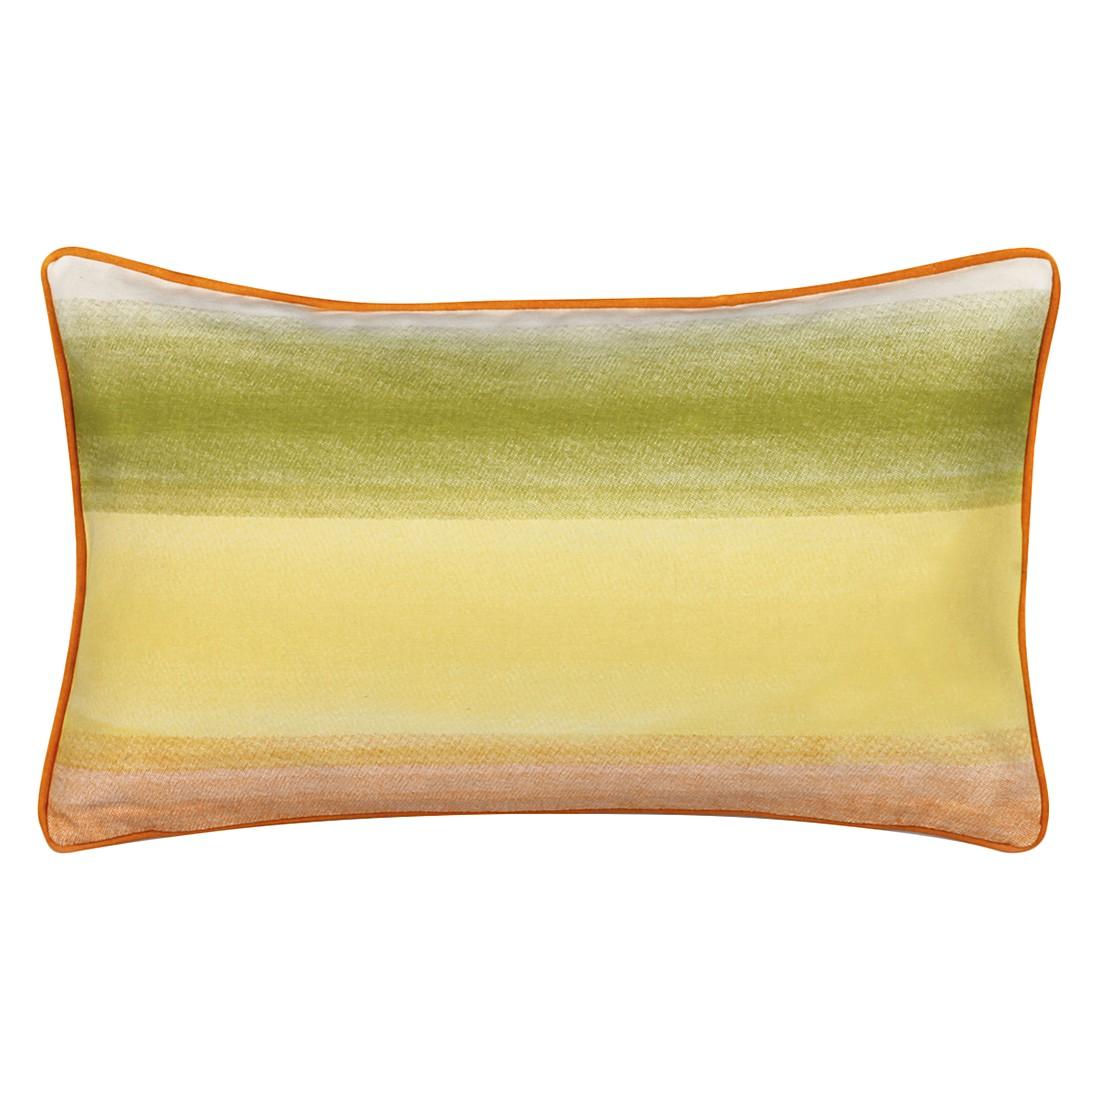 Kissen Buenavista – 30 X 50 cm, Grün, Baumwolle Typ 2 – Kissenhülle, ohne Füllung, Dutch Decor günstig